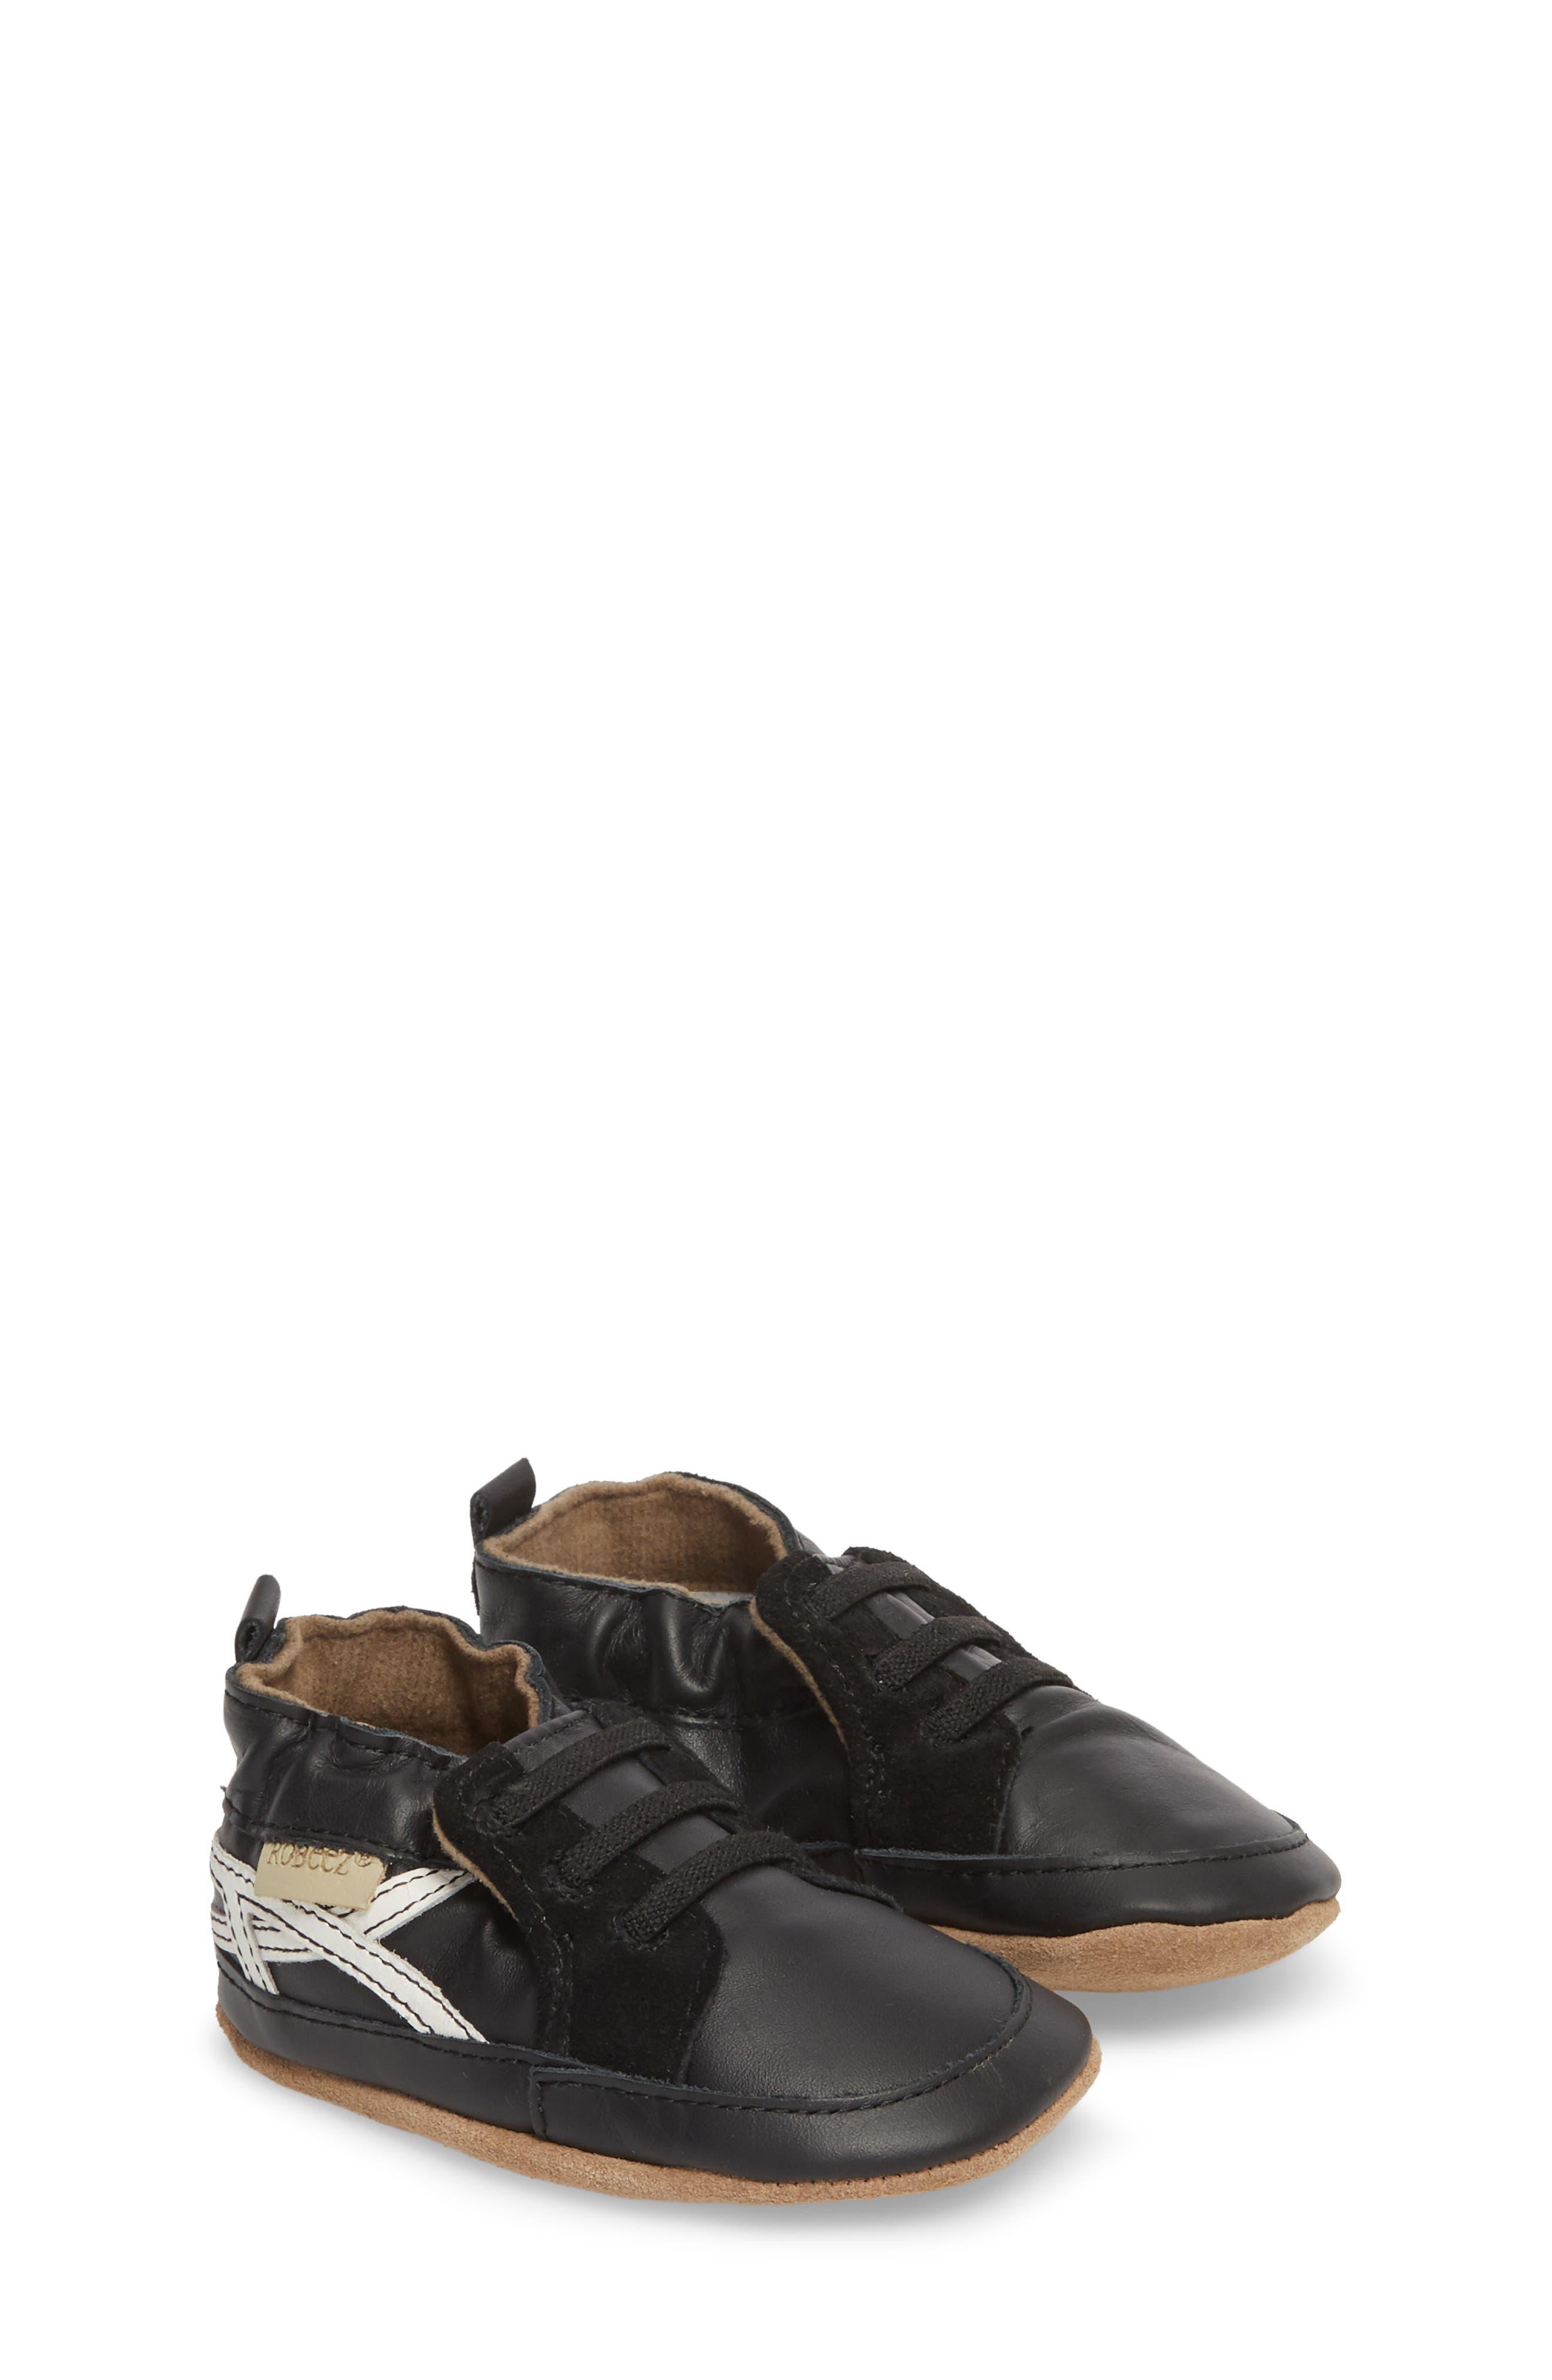 Super Sporty Sneaker Crib Shoe,                             Main thumbnail 1, color,                             BLACK